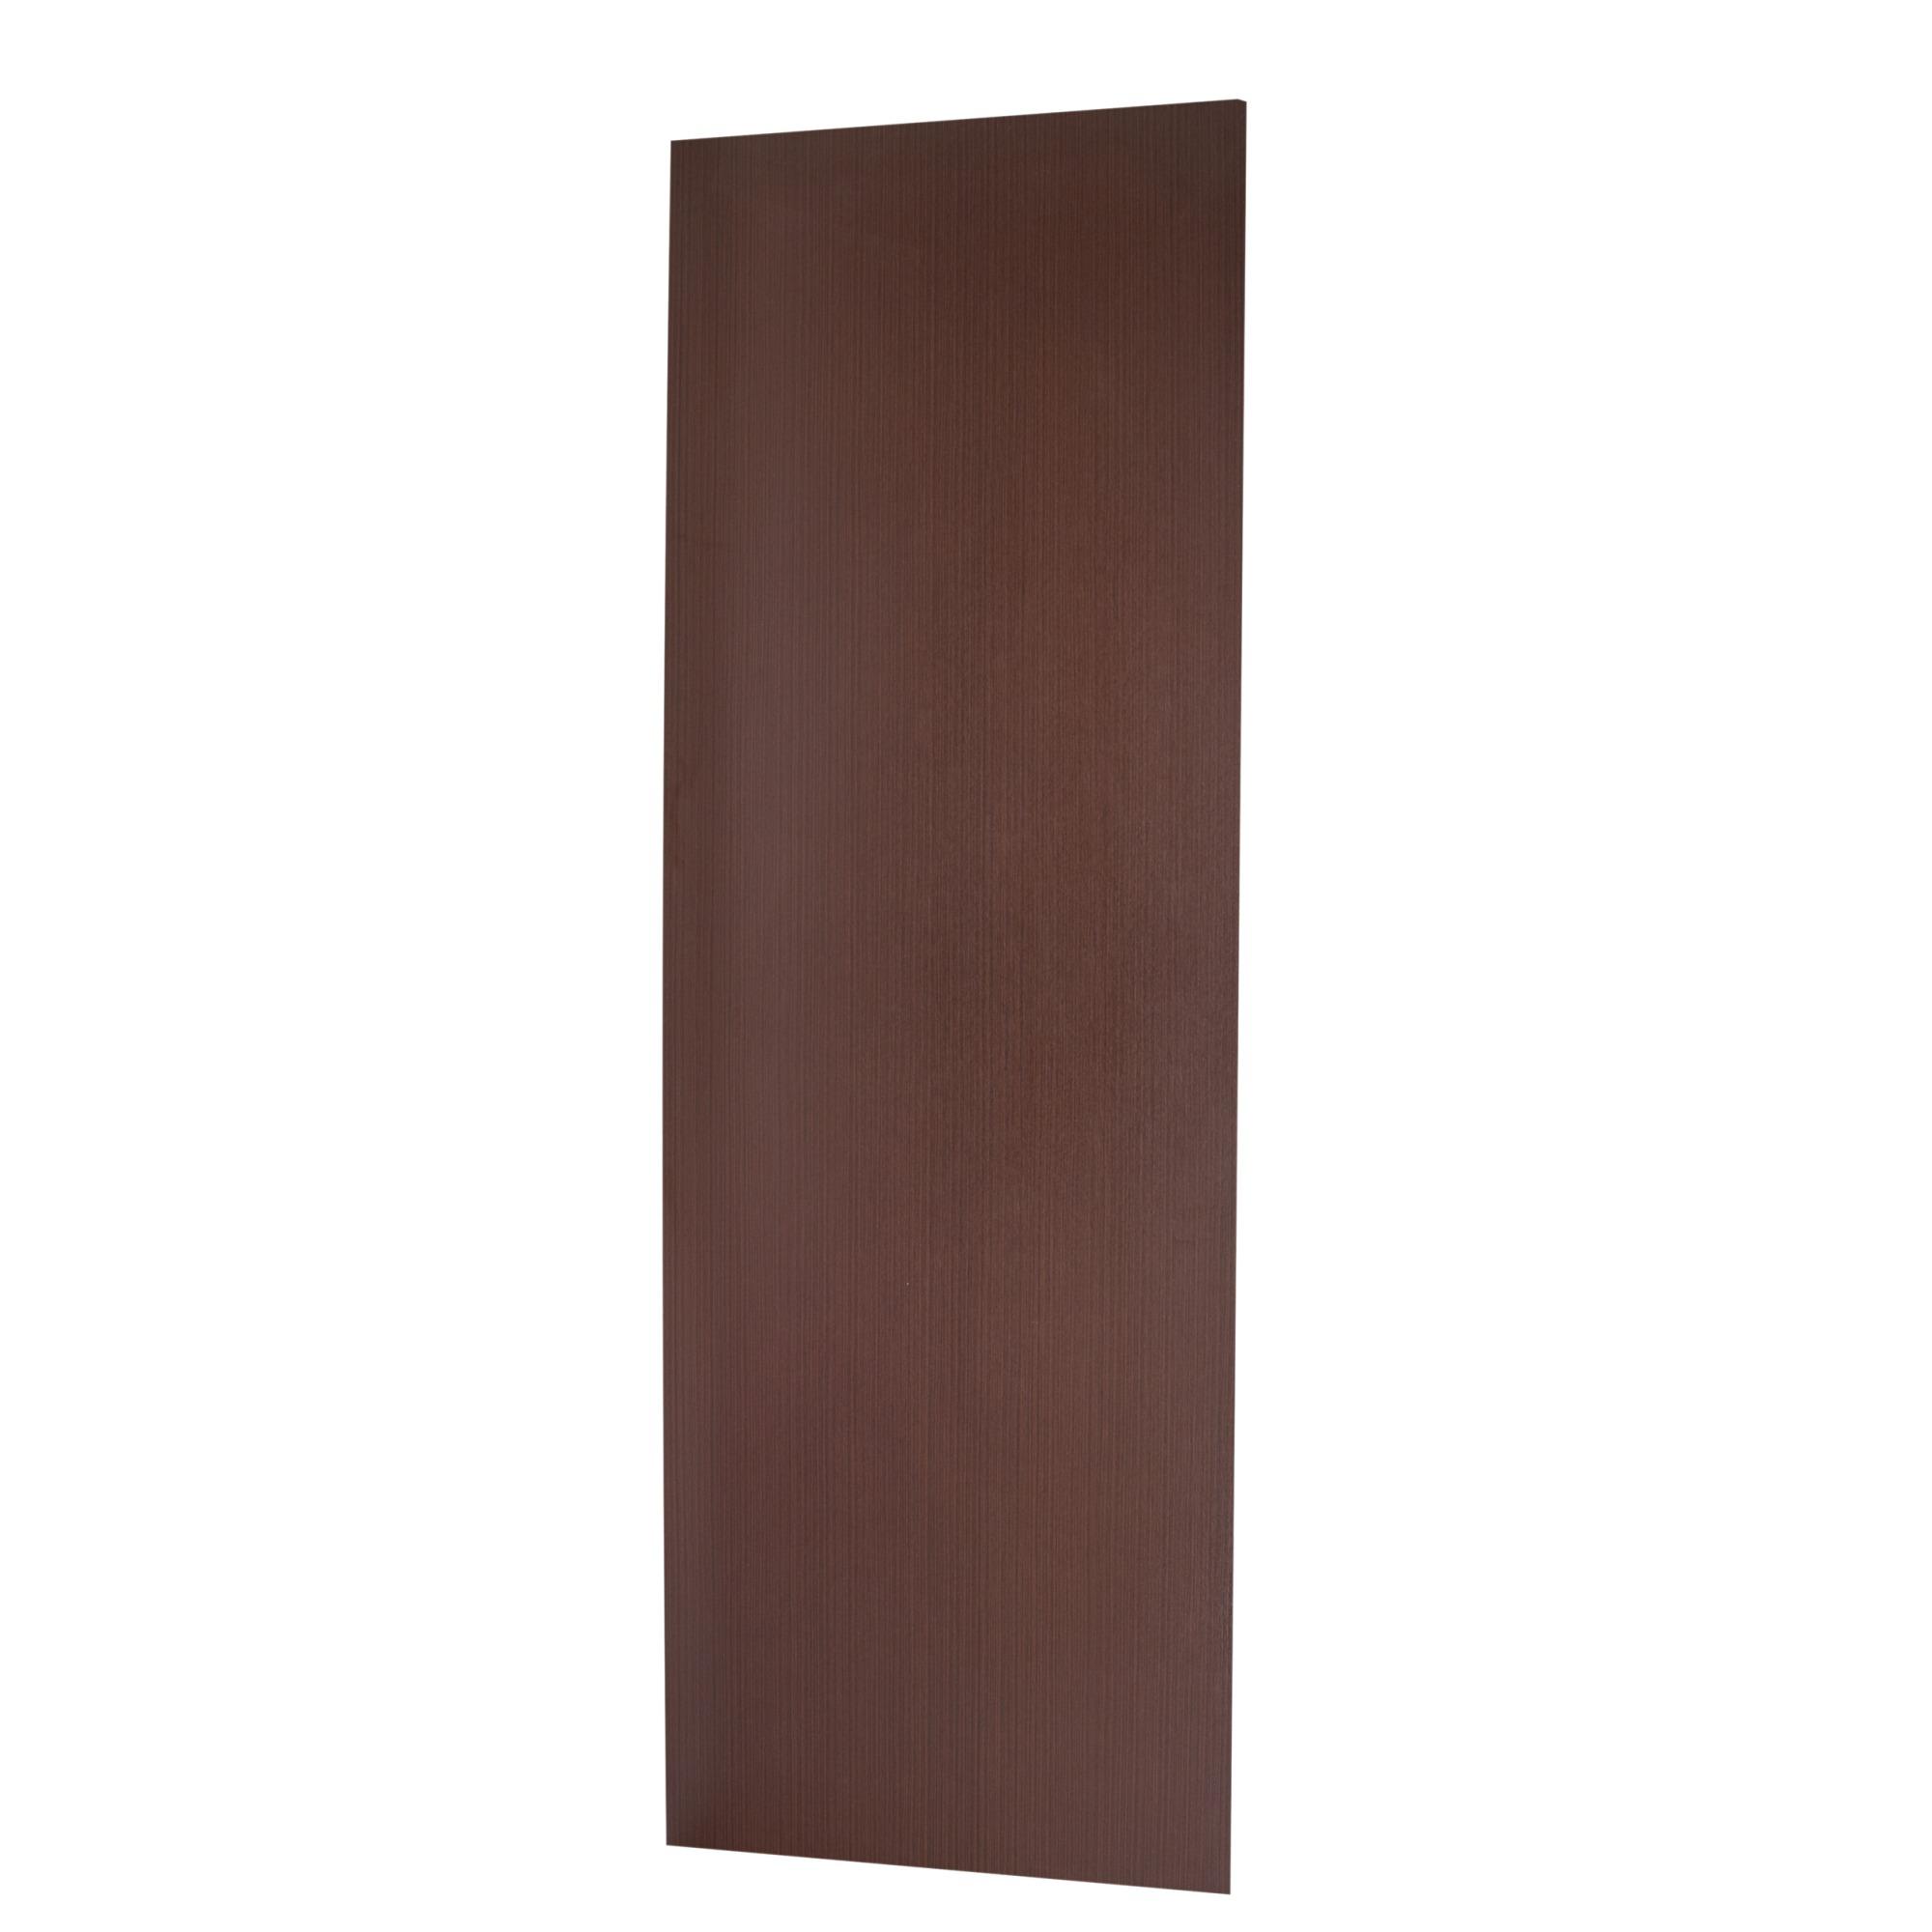 Porta de Madeira de Abrir Lisa Semissolido 80 x 210cm Pinus Branco - 537759 - Madelar